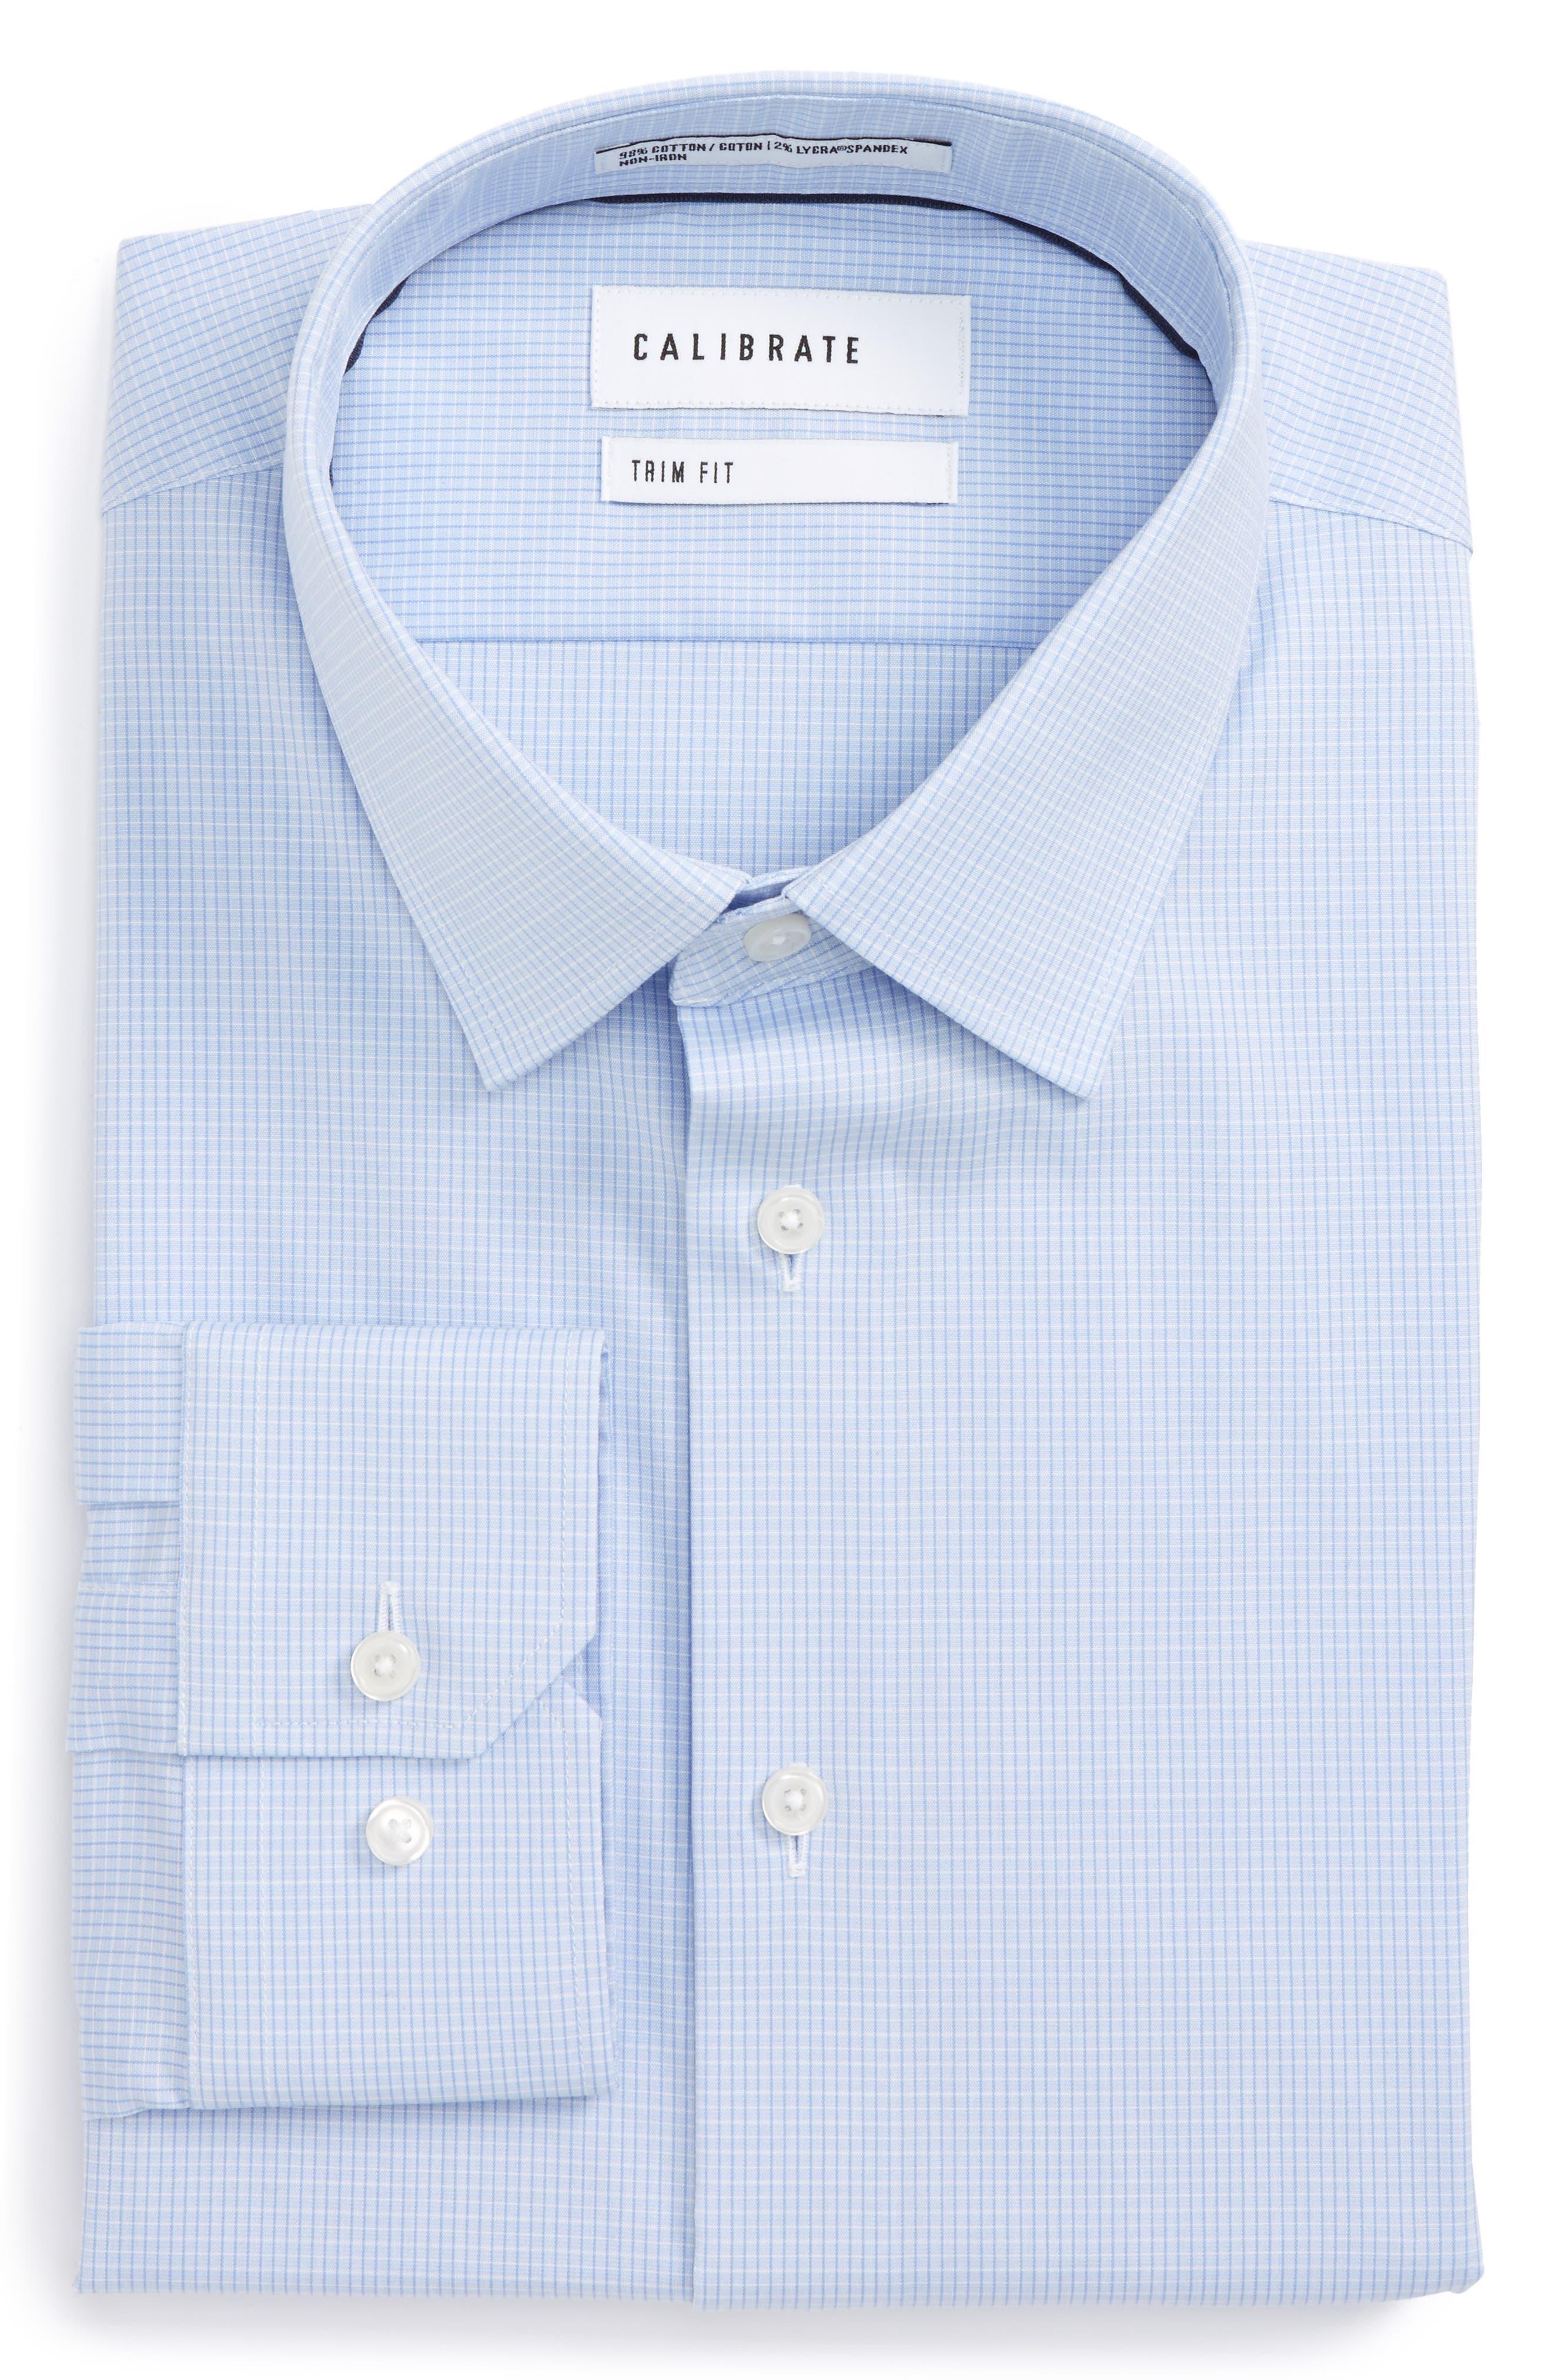 Main Image - Calibrate Trim Fit Stretch No-Iron Check Dress Shirt